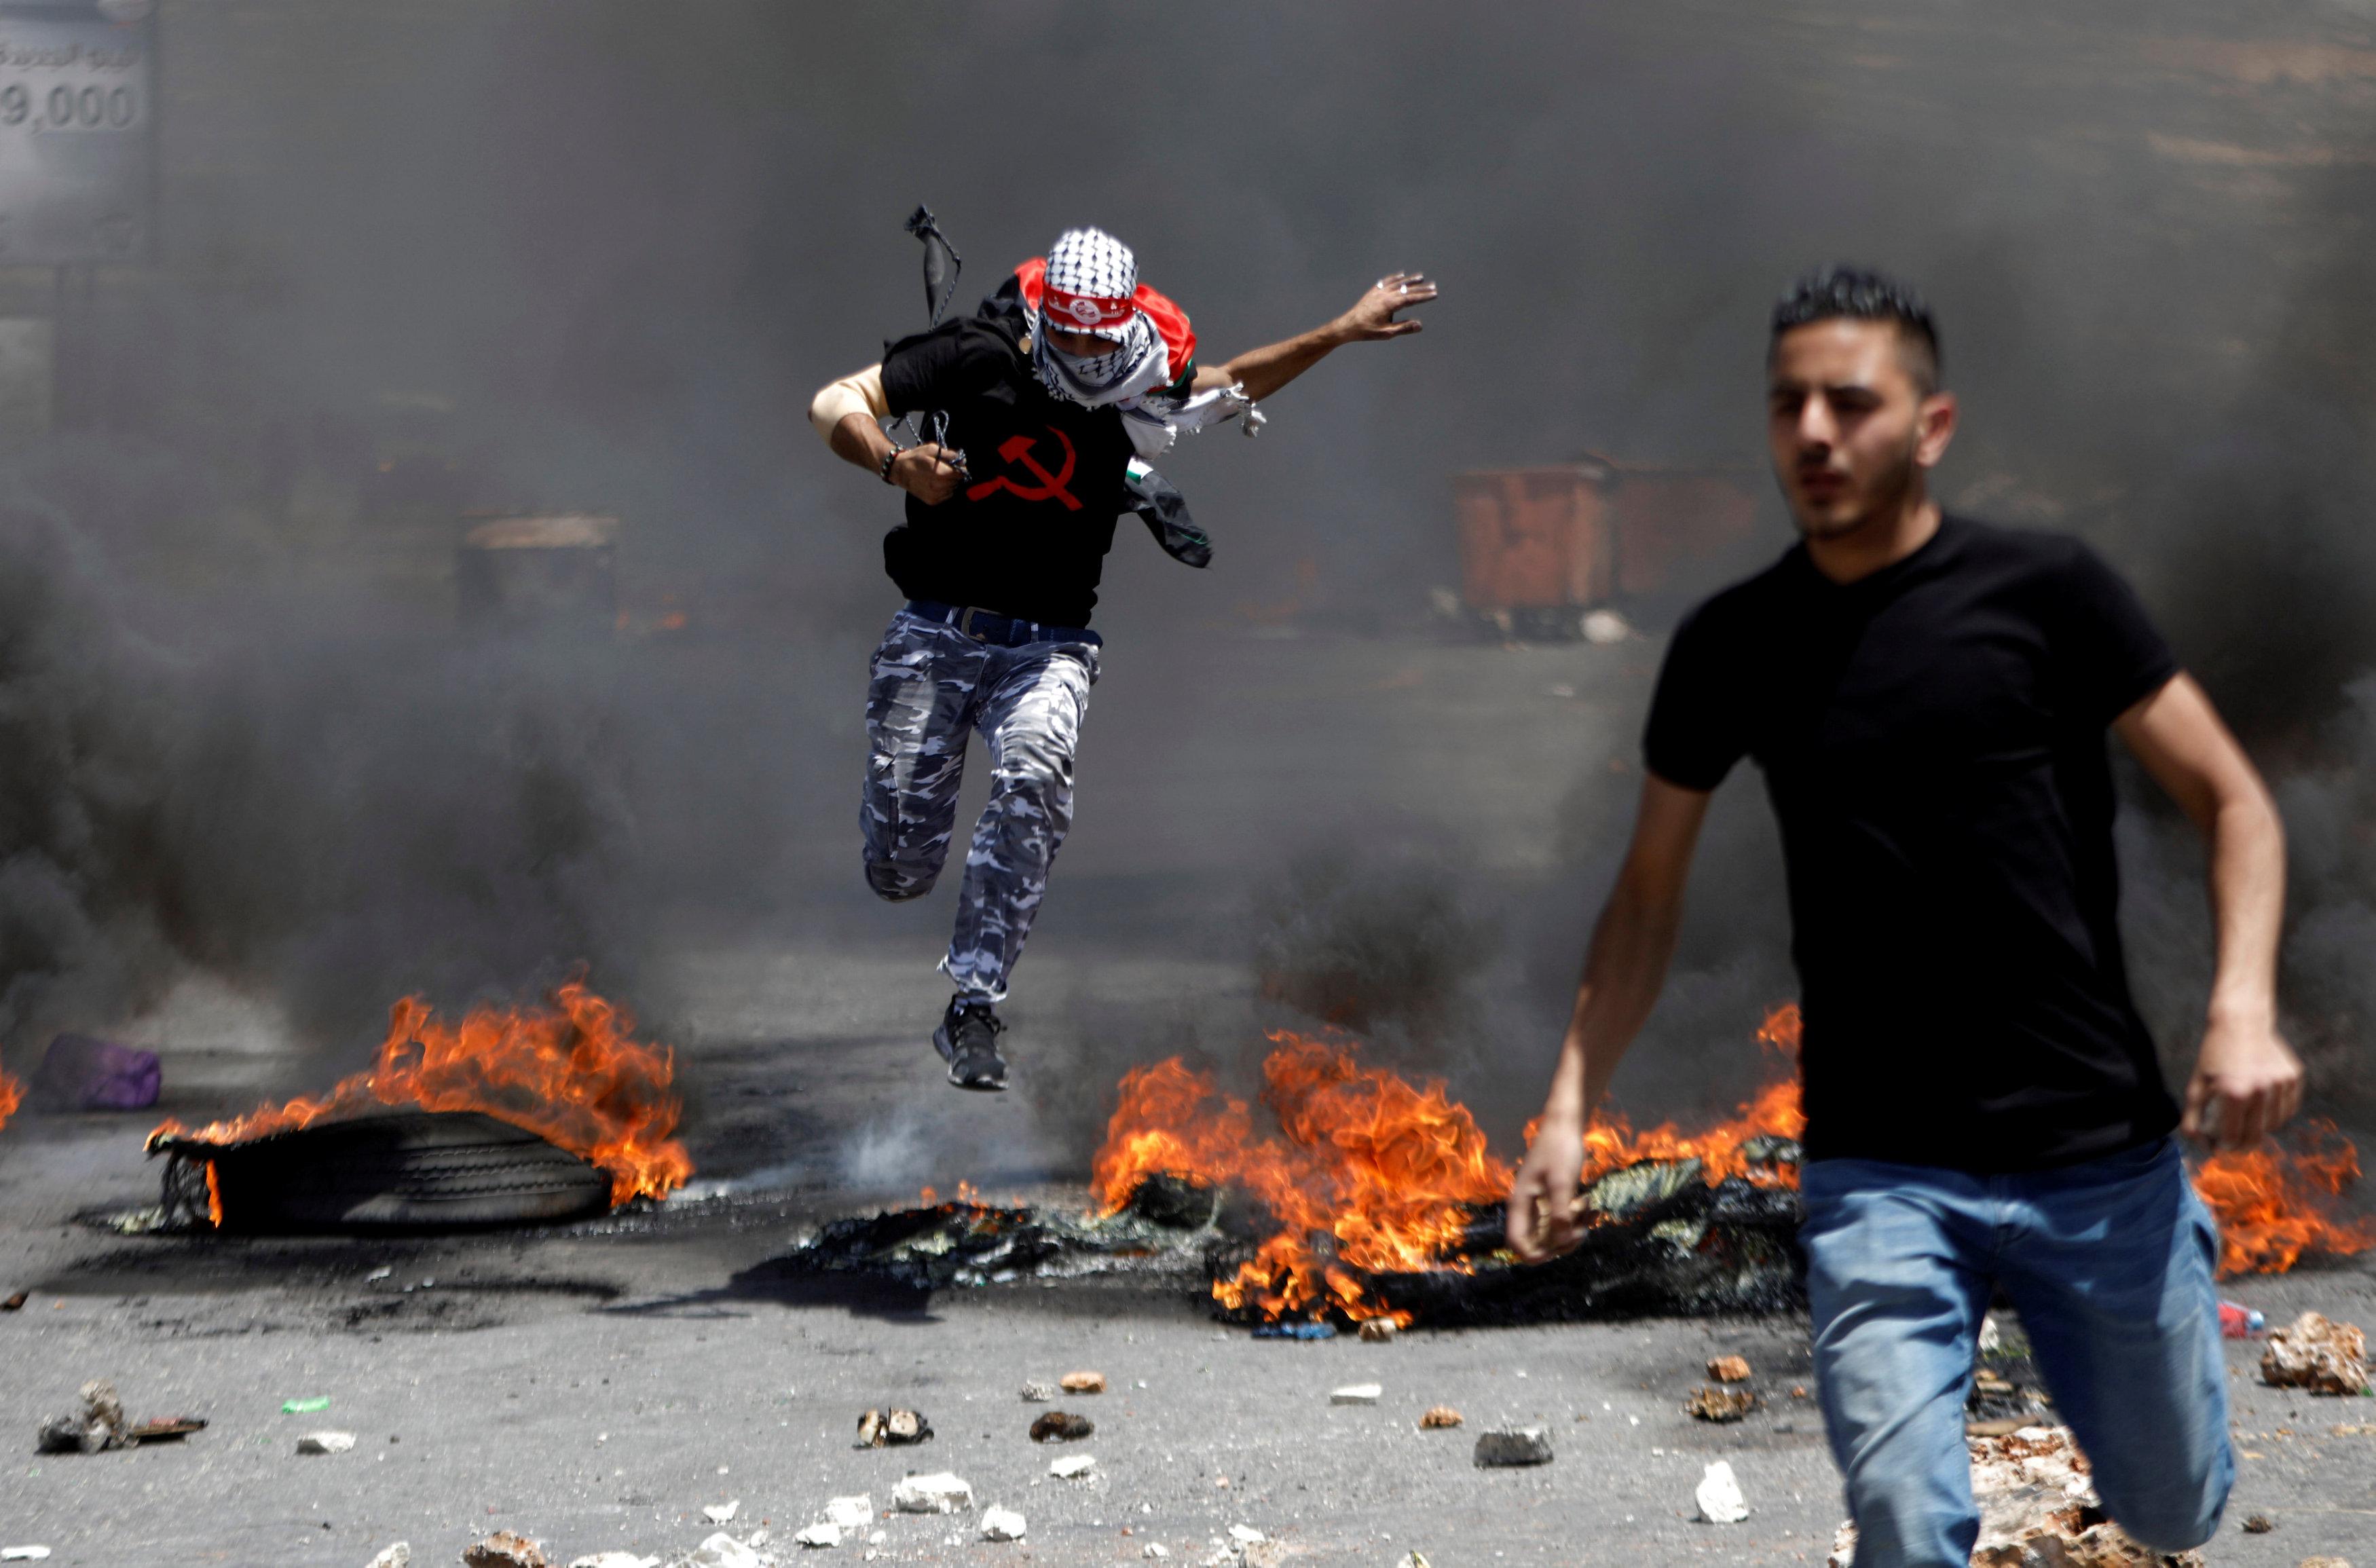 شاب يقفز أعلى النار خلال مواجهات مع قوات الاحتلال